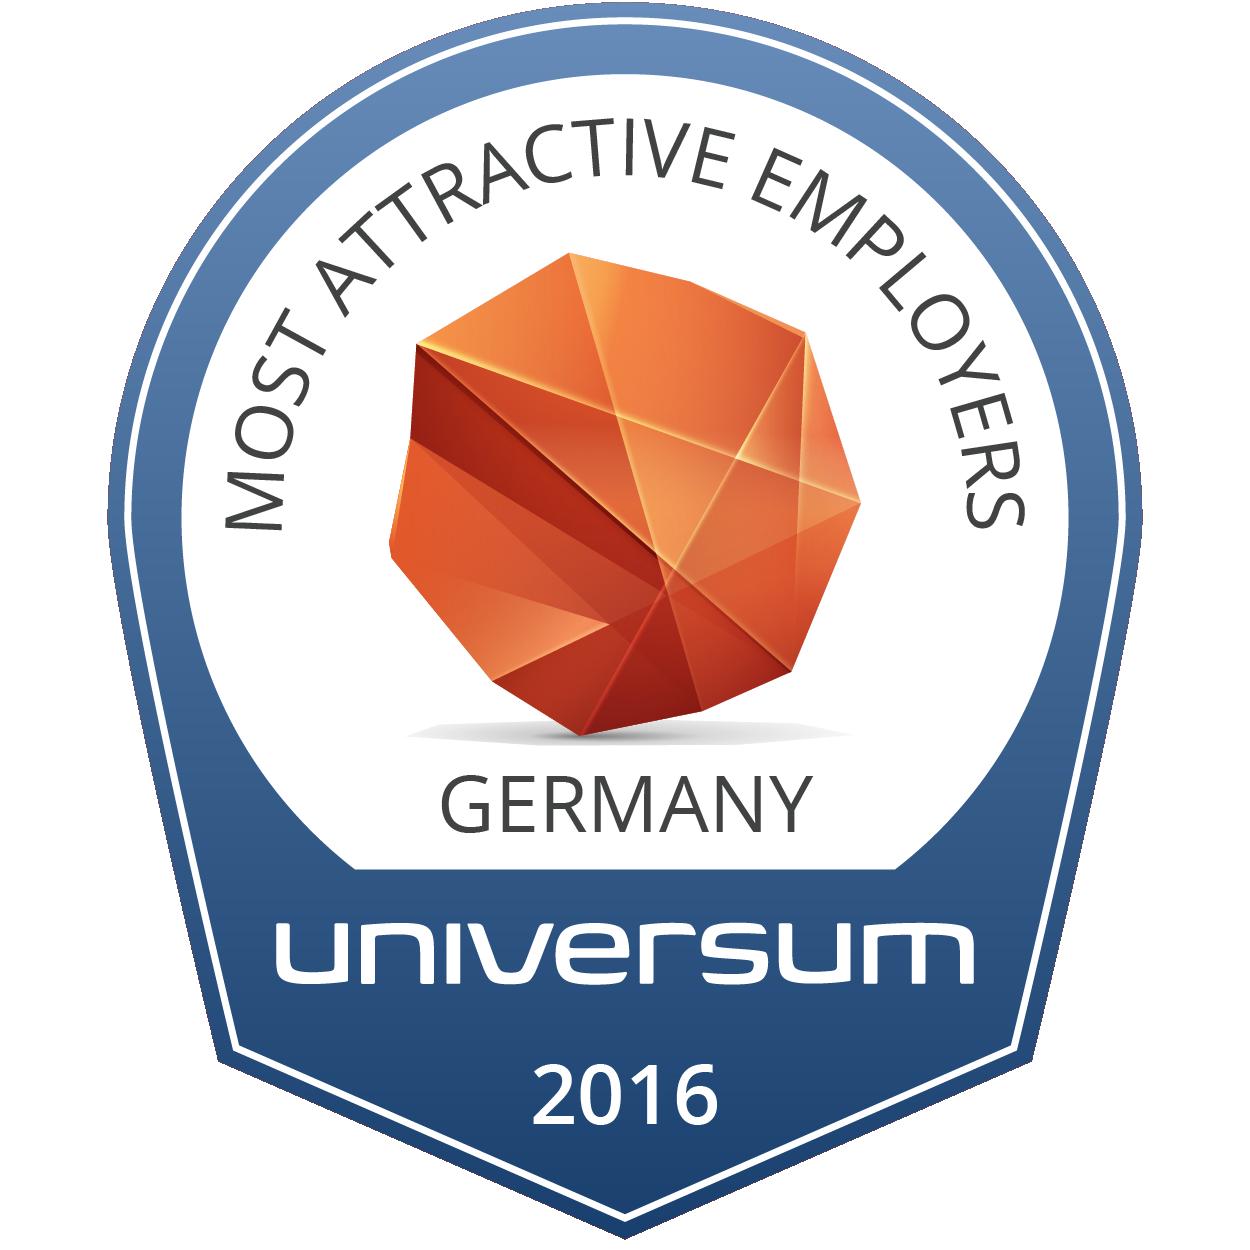 Universum Prof Badge 2014